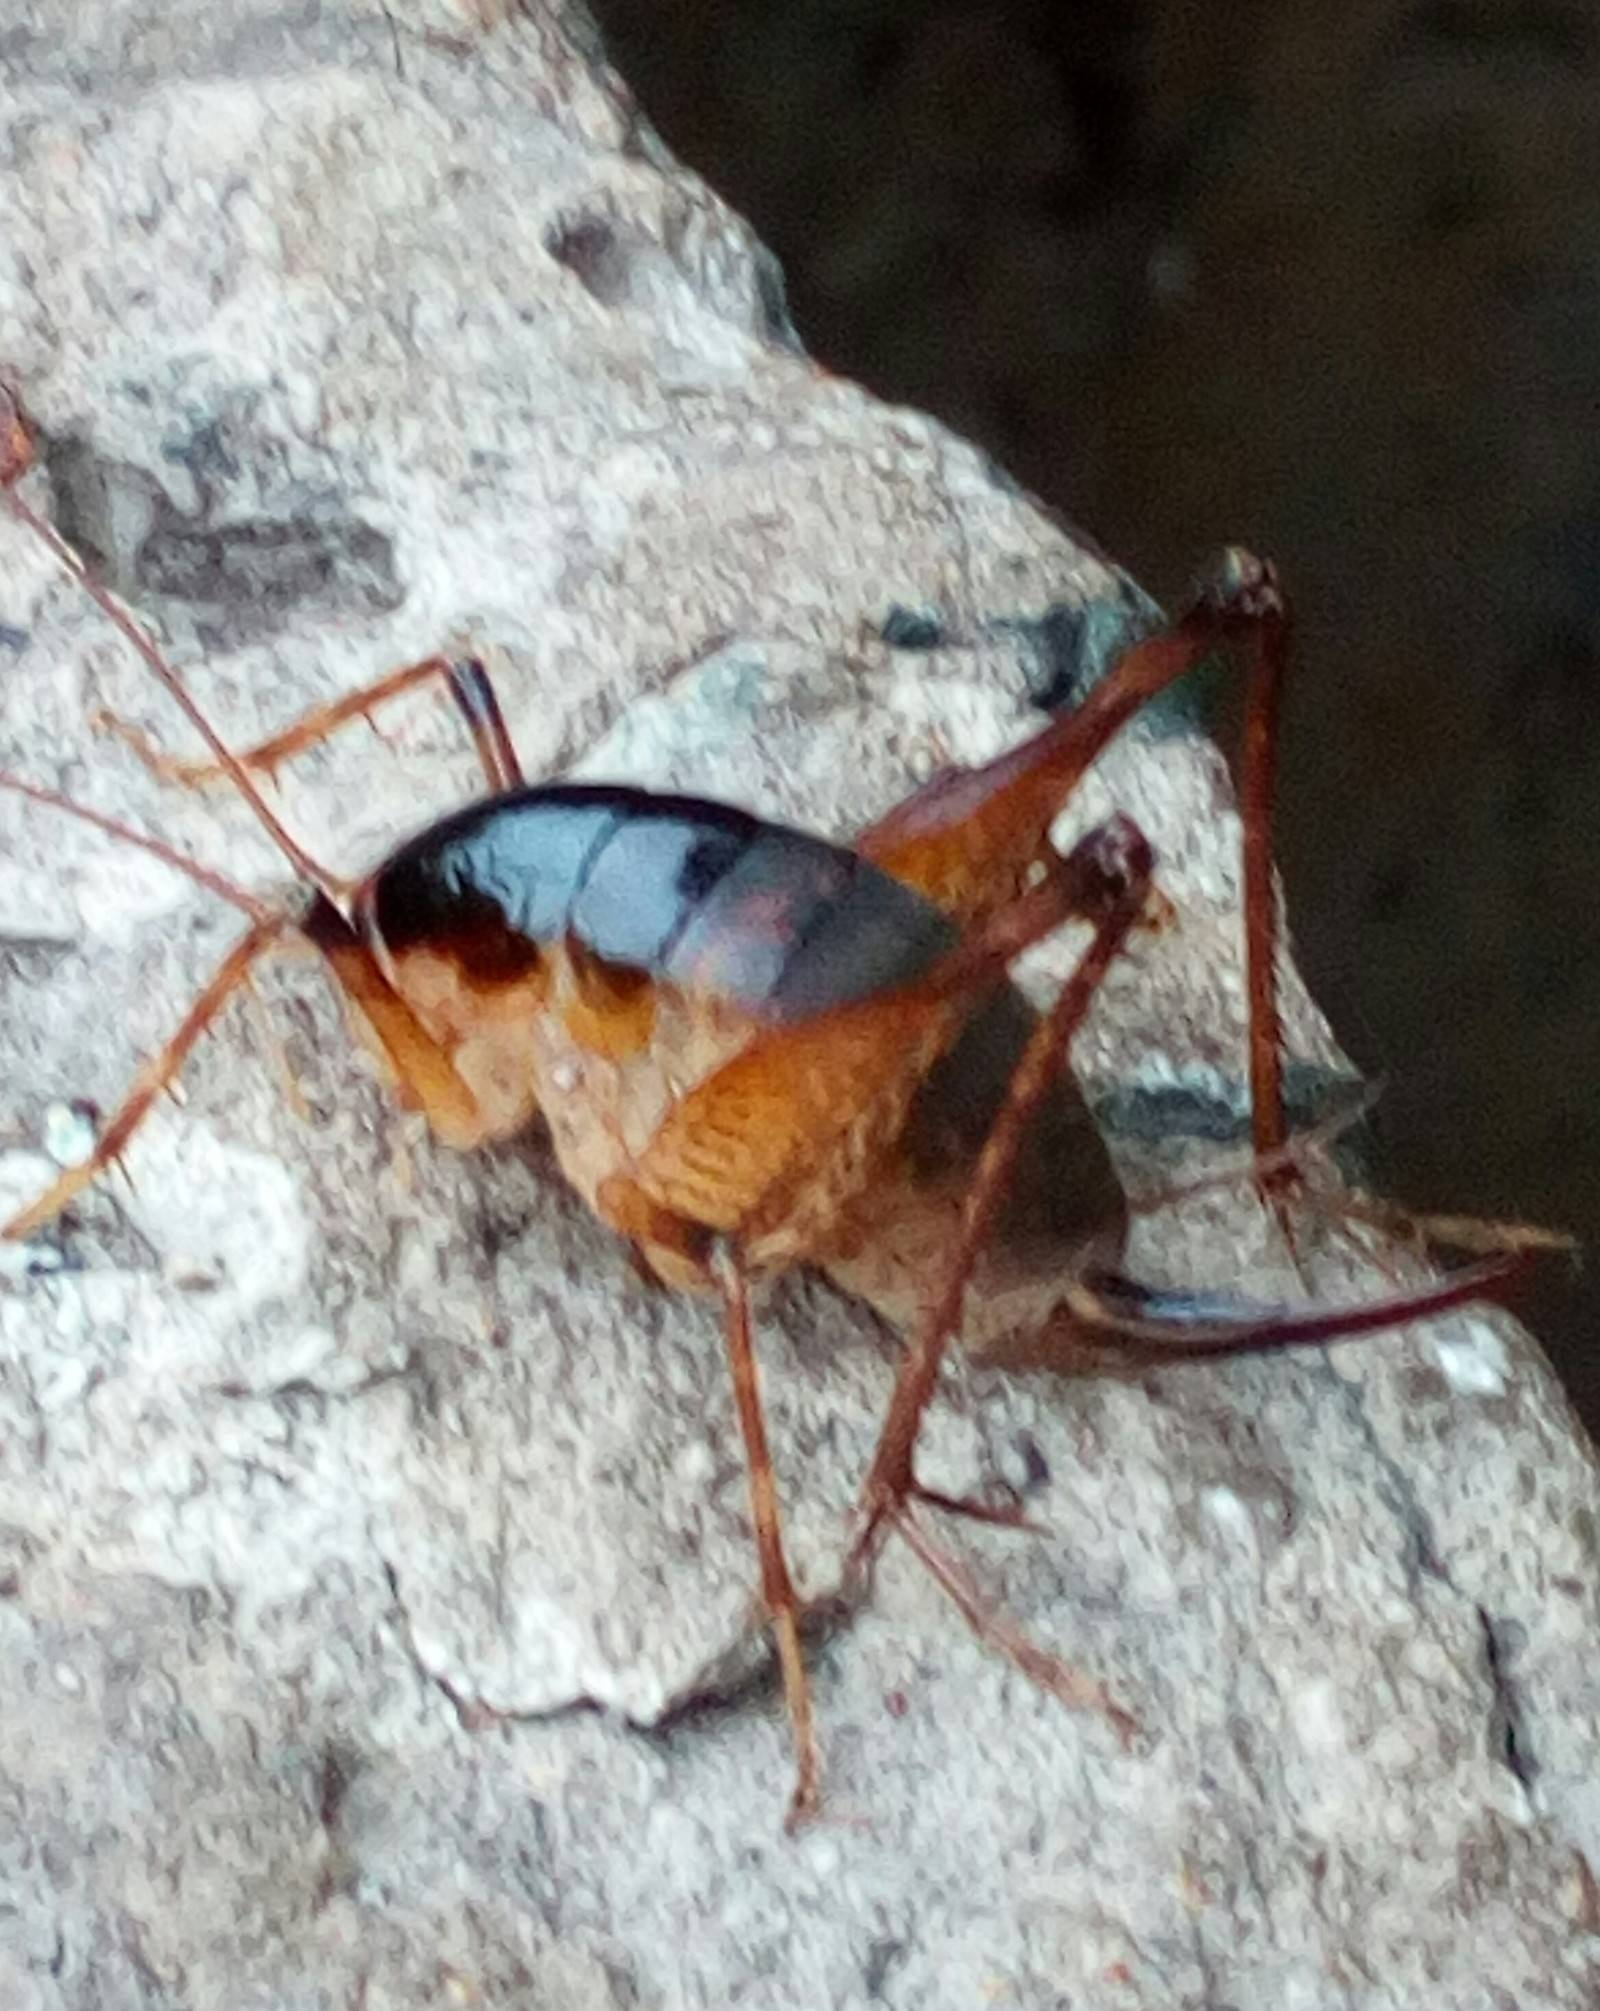 Кузнечик оранжерейный – необычное насекомое в наших подвалах и теплицах